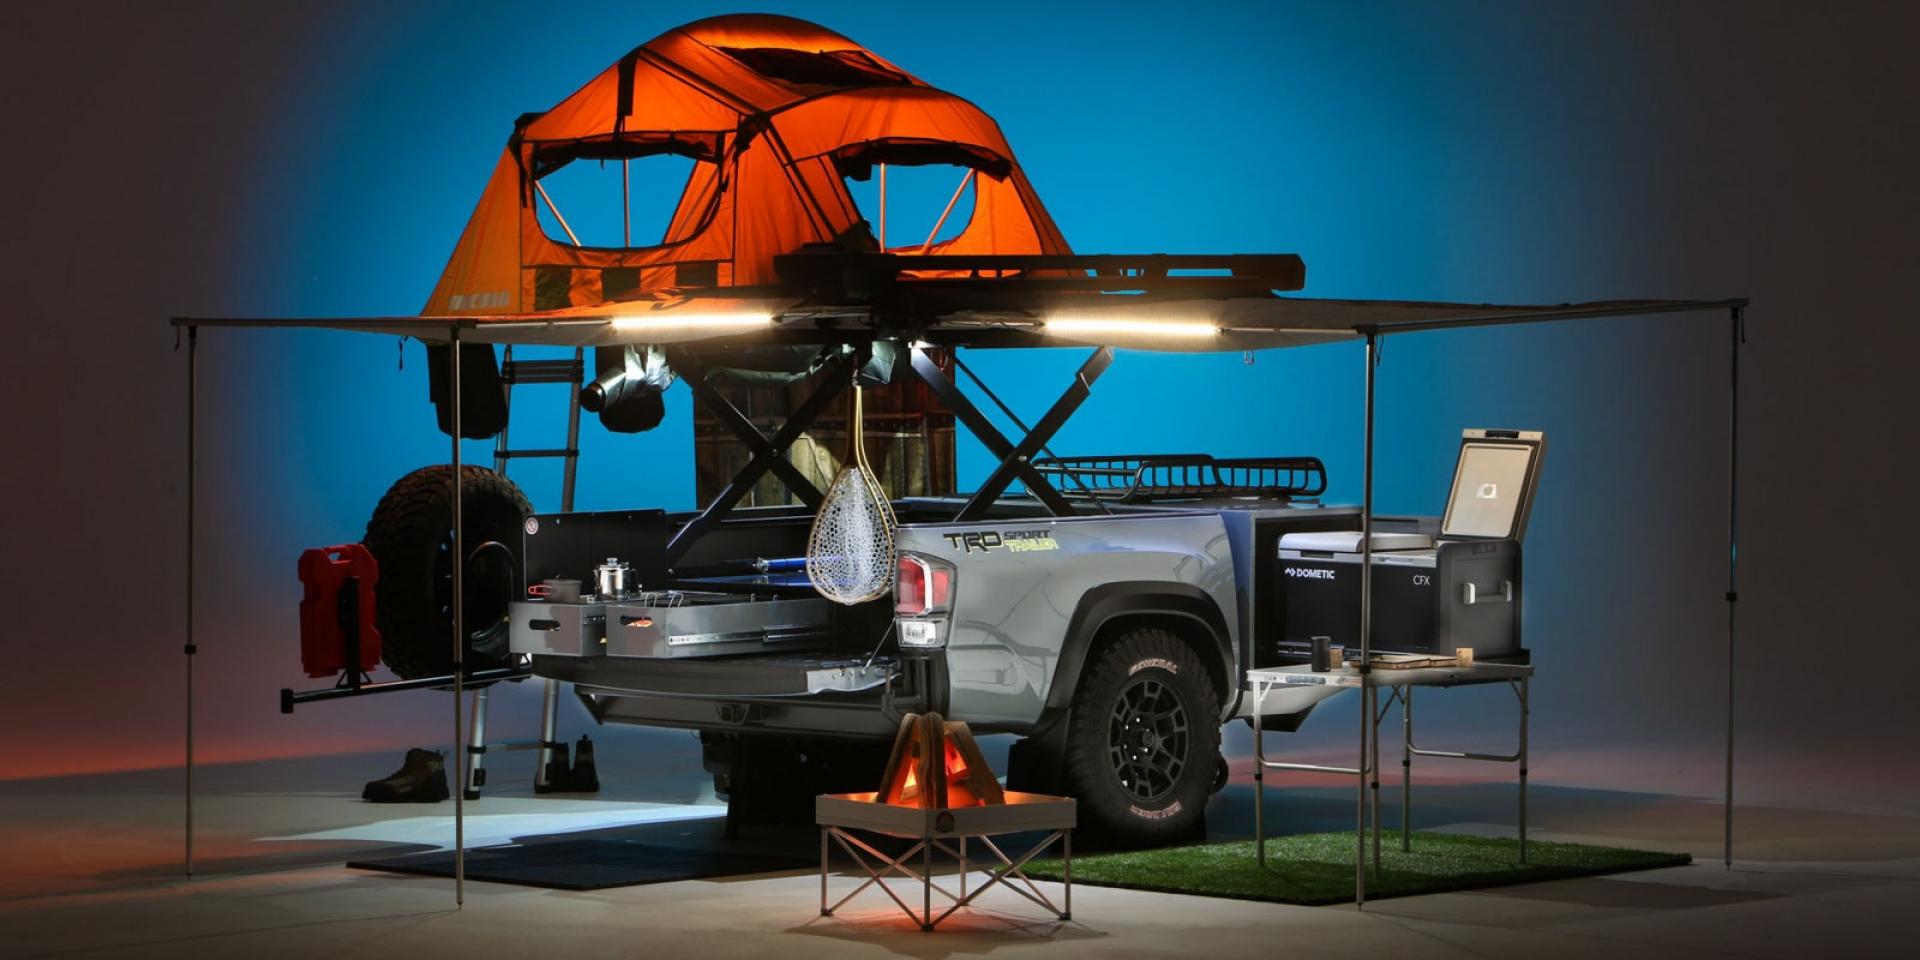 一車搞定露營所有設備!TOYOTA展示露營概念尾車「TRD Sport Trailer」